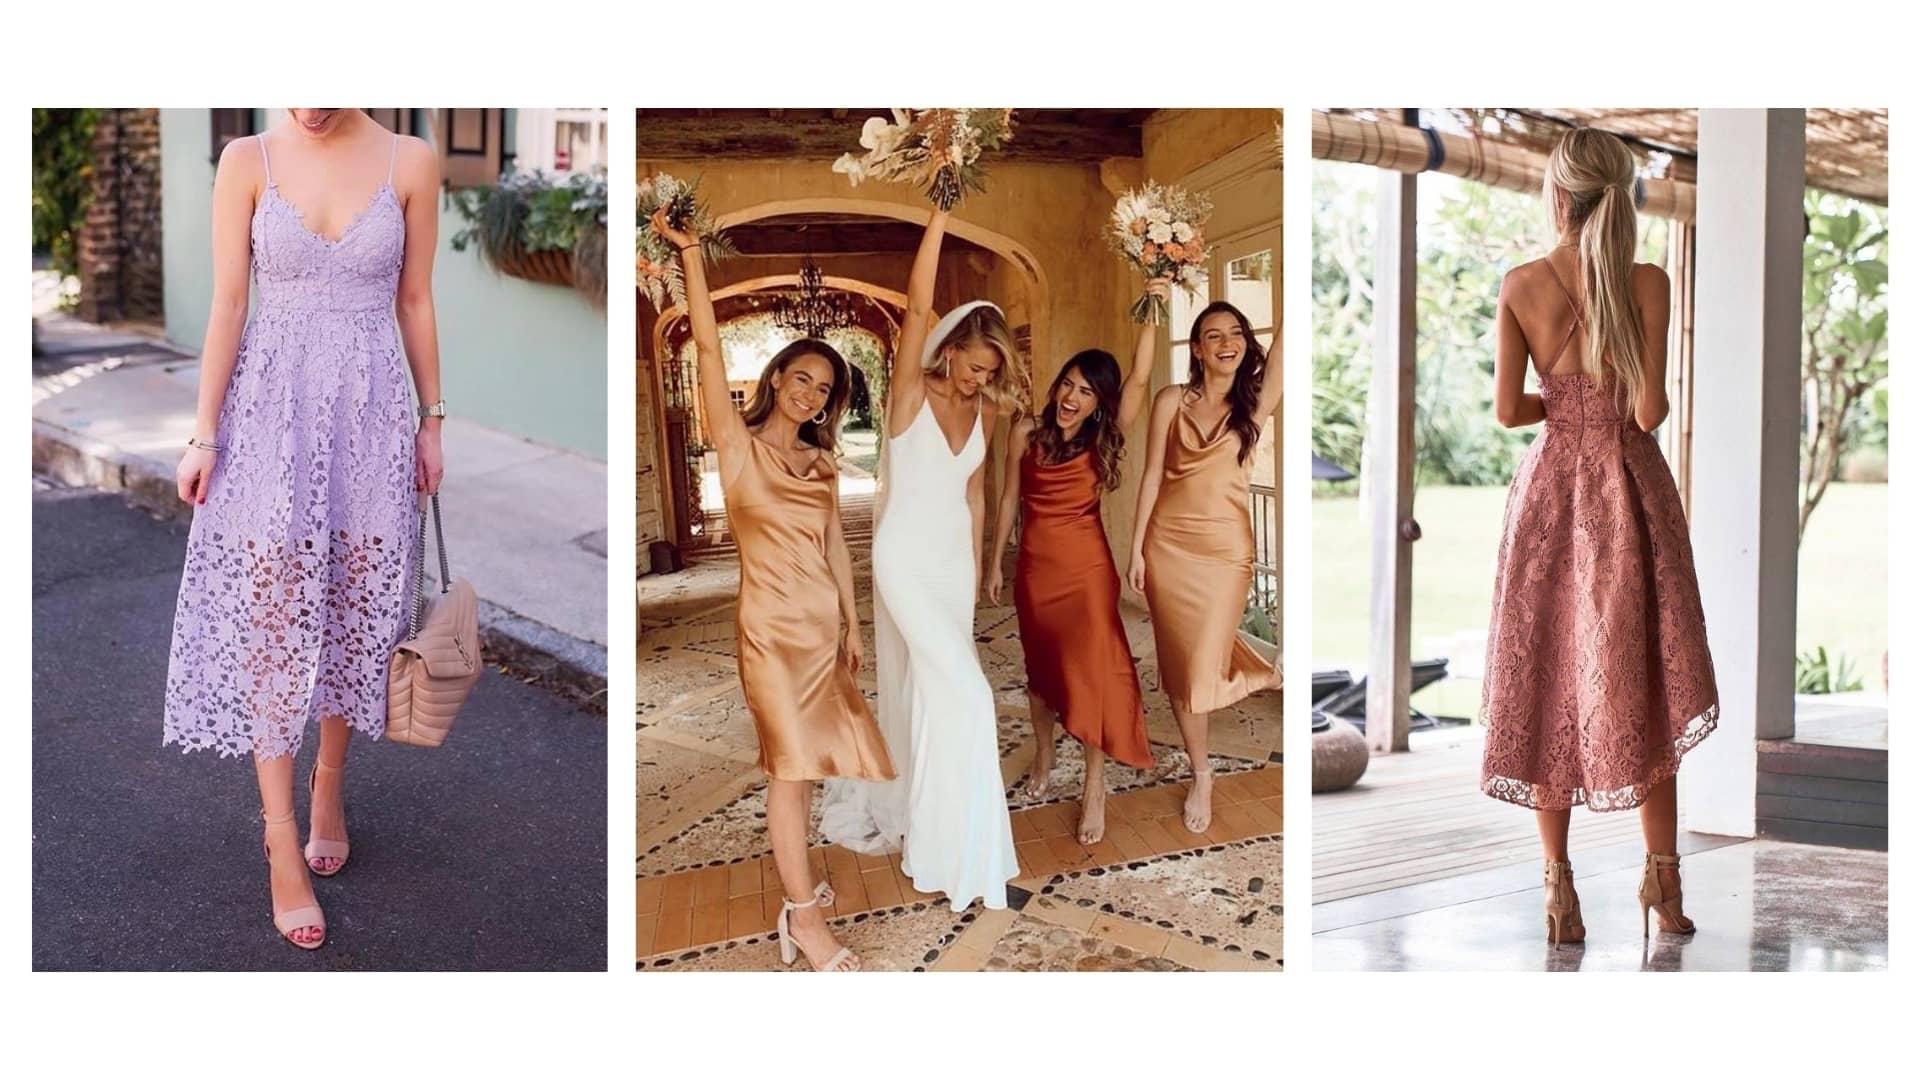 Vilma Wedding & Event Planner _ Vilma Rapšaitė _ santuokos organozatorė _ vestuvių planuotoja _vestuvės Italijoje _ vestuvių svečio apranga _ suknelės _ spalvos _ patarimai svečiams